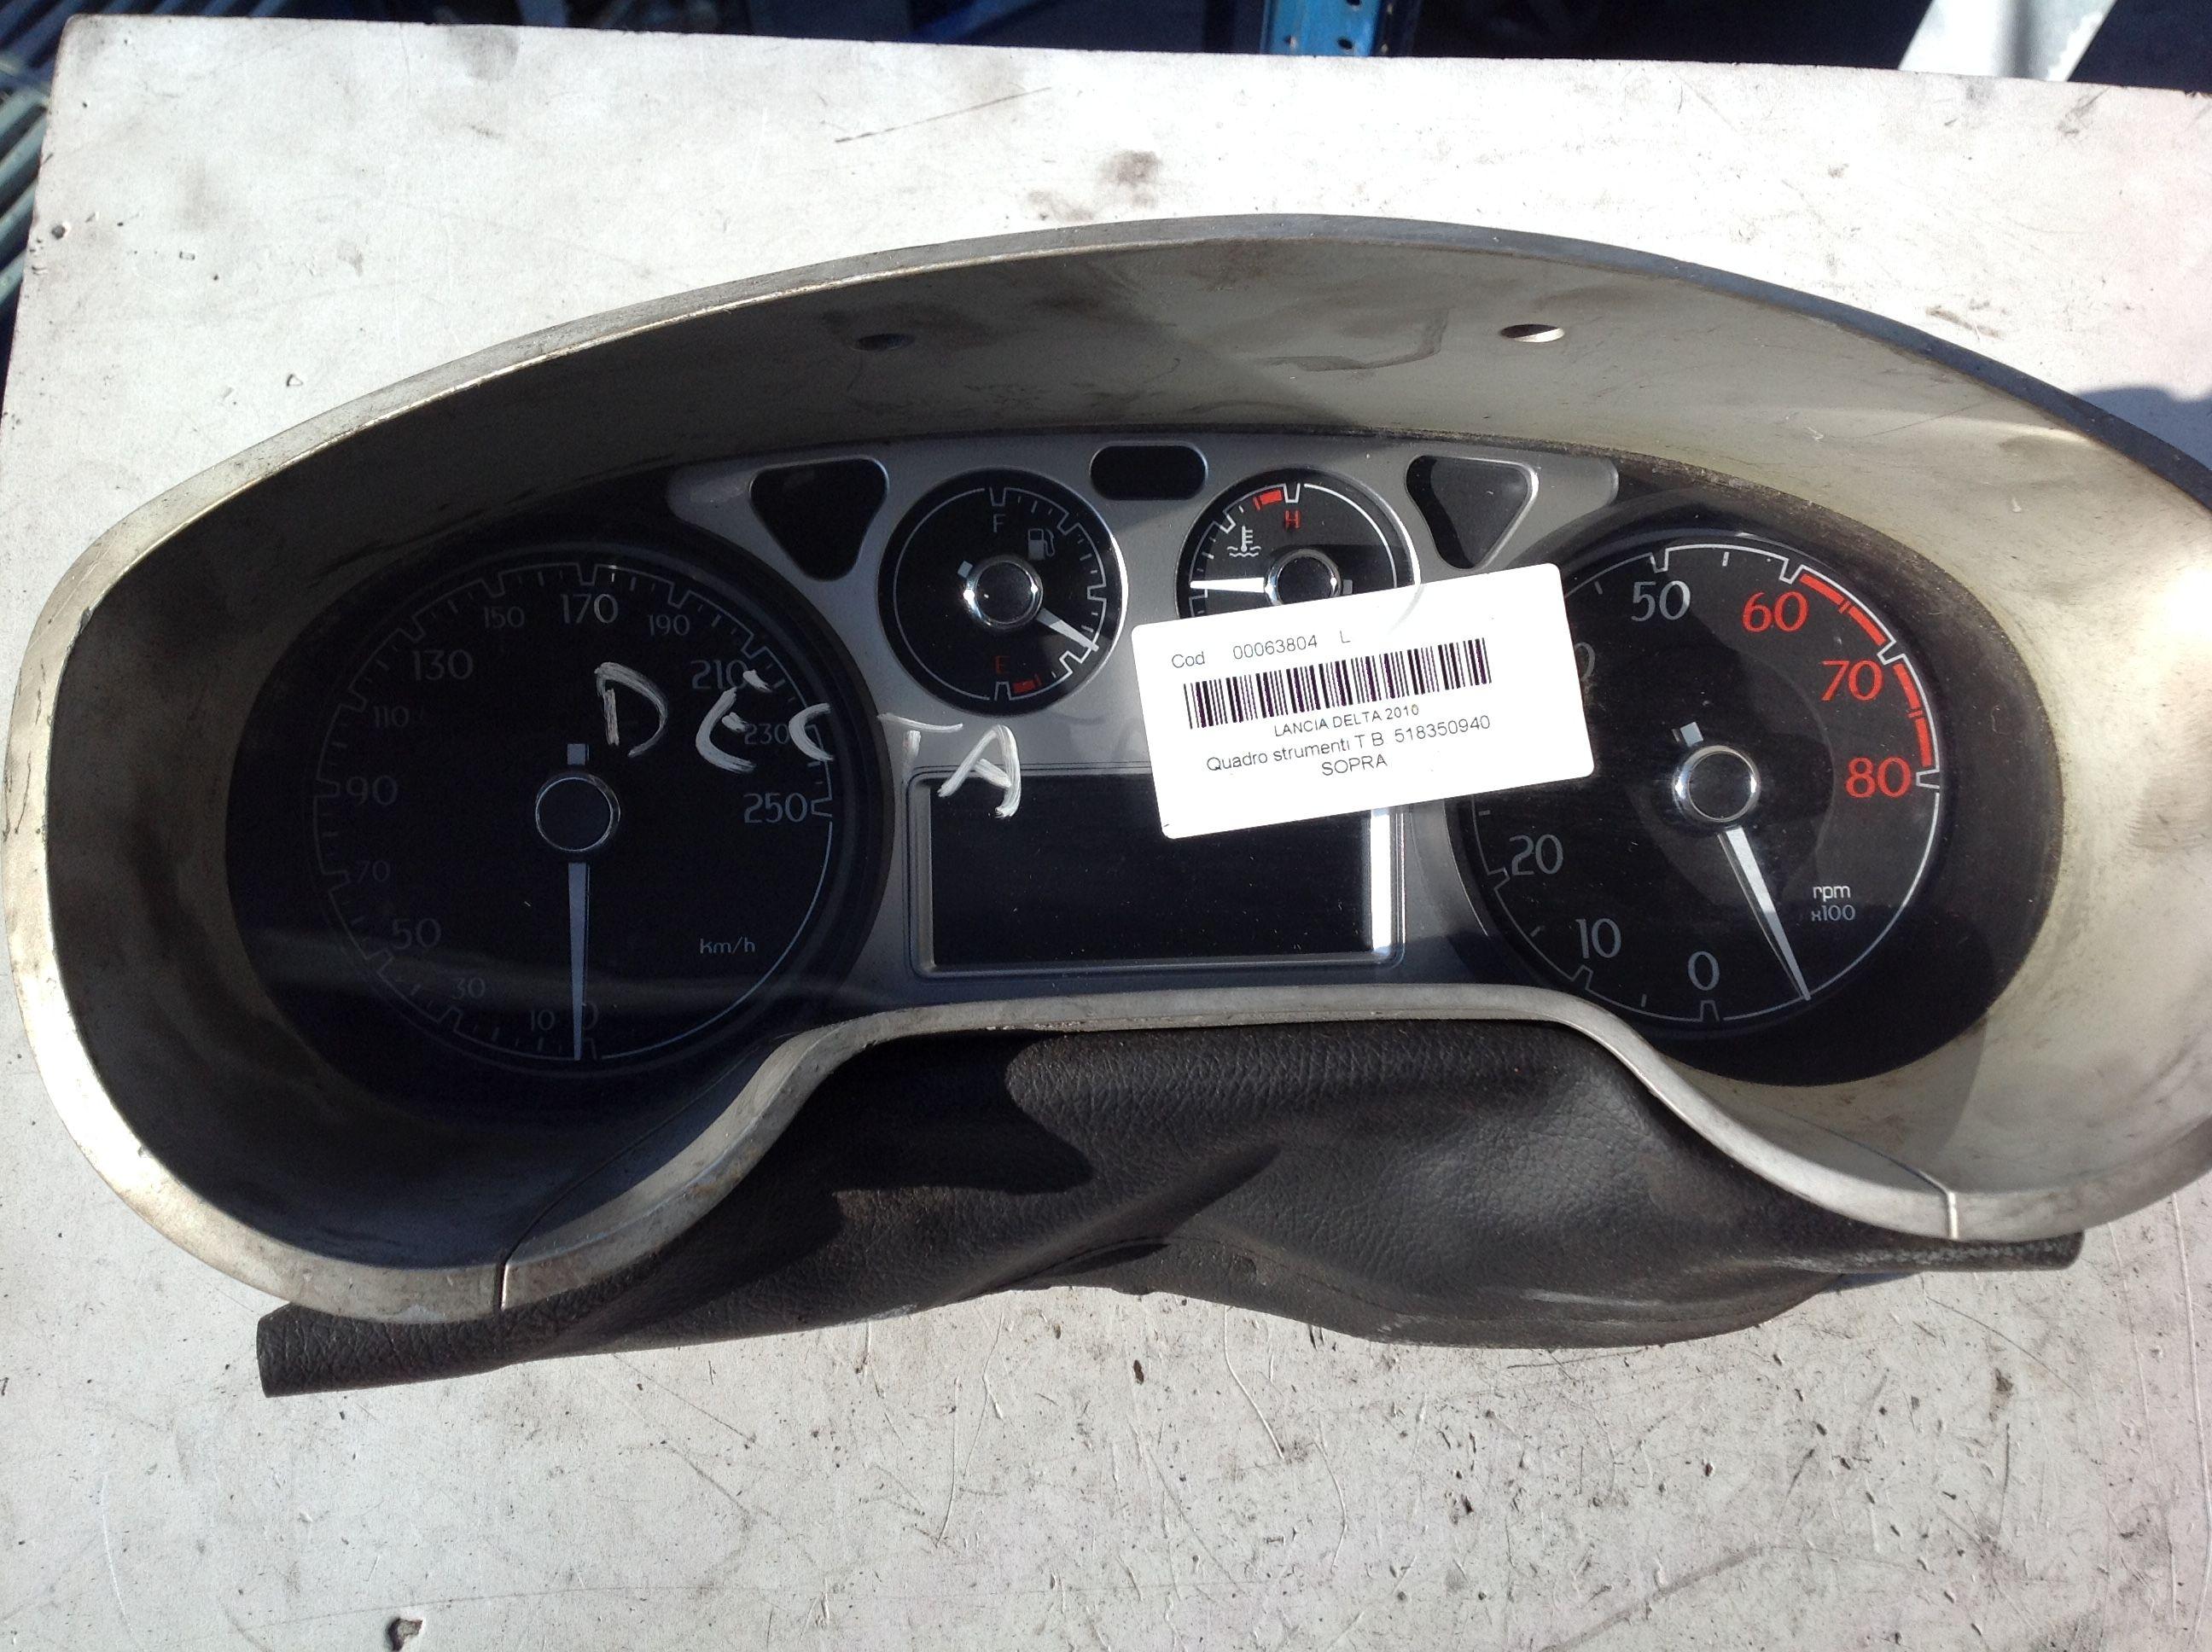 518350940  503005080301 QUADRO STRUMENTI LANCIA Delta 4° Serie  Benzina    (2012) RICAMBI USATI